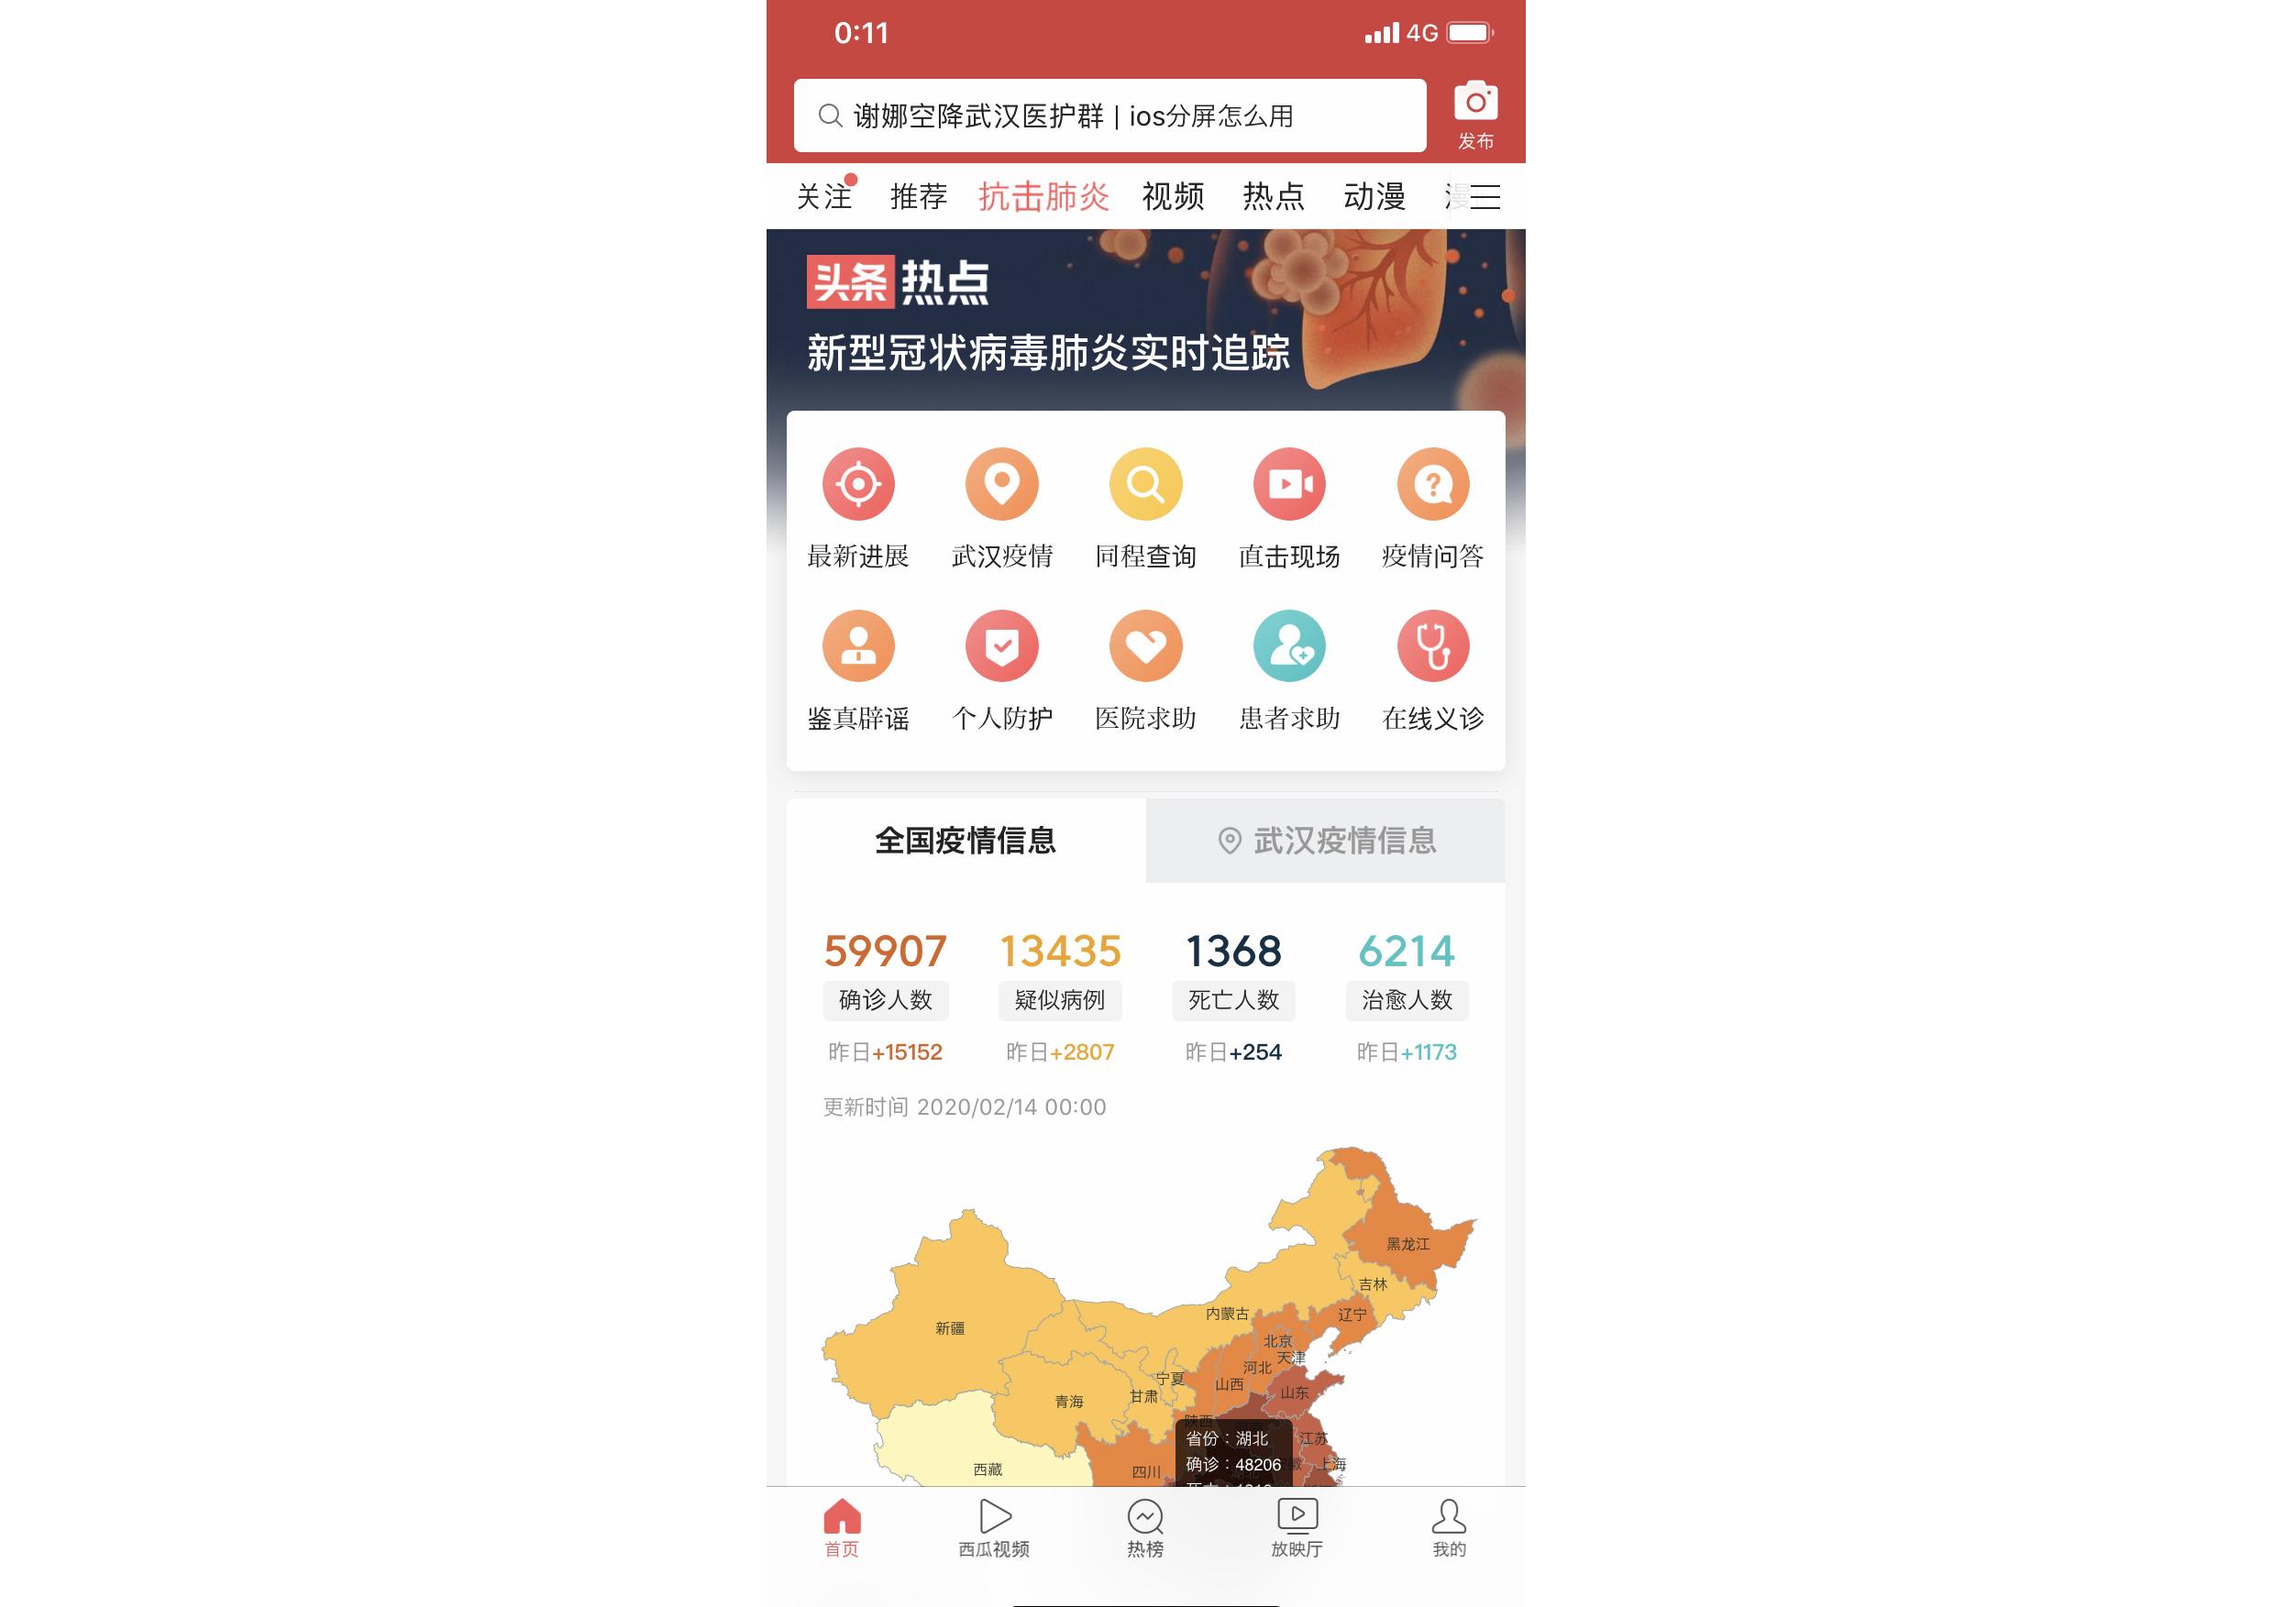 【完了】中国、新型肺炎まとめサイトが驚異的充実…感染者の人権無視、所在地や交通経路まで公開の画像4